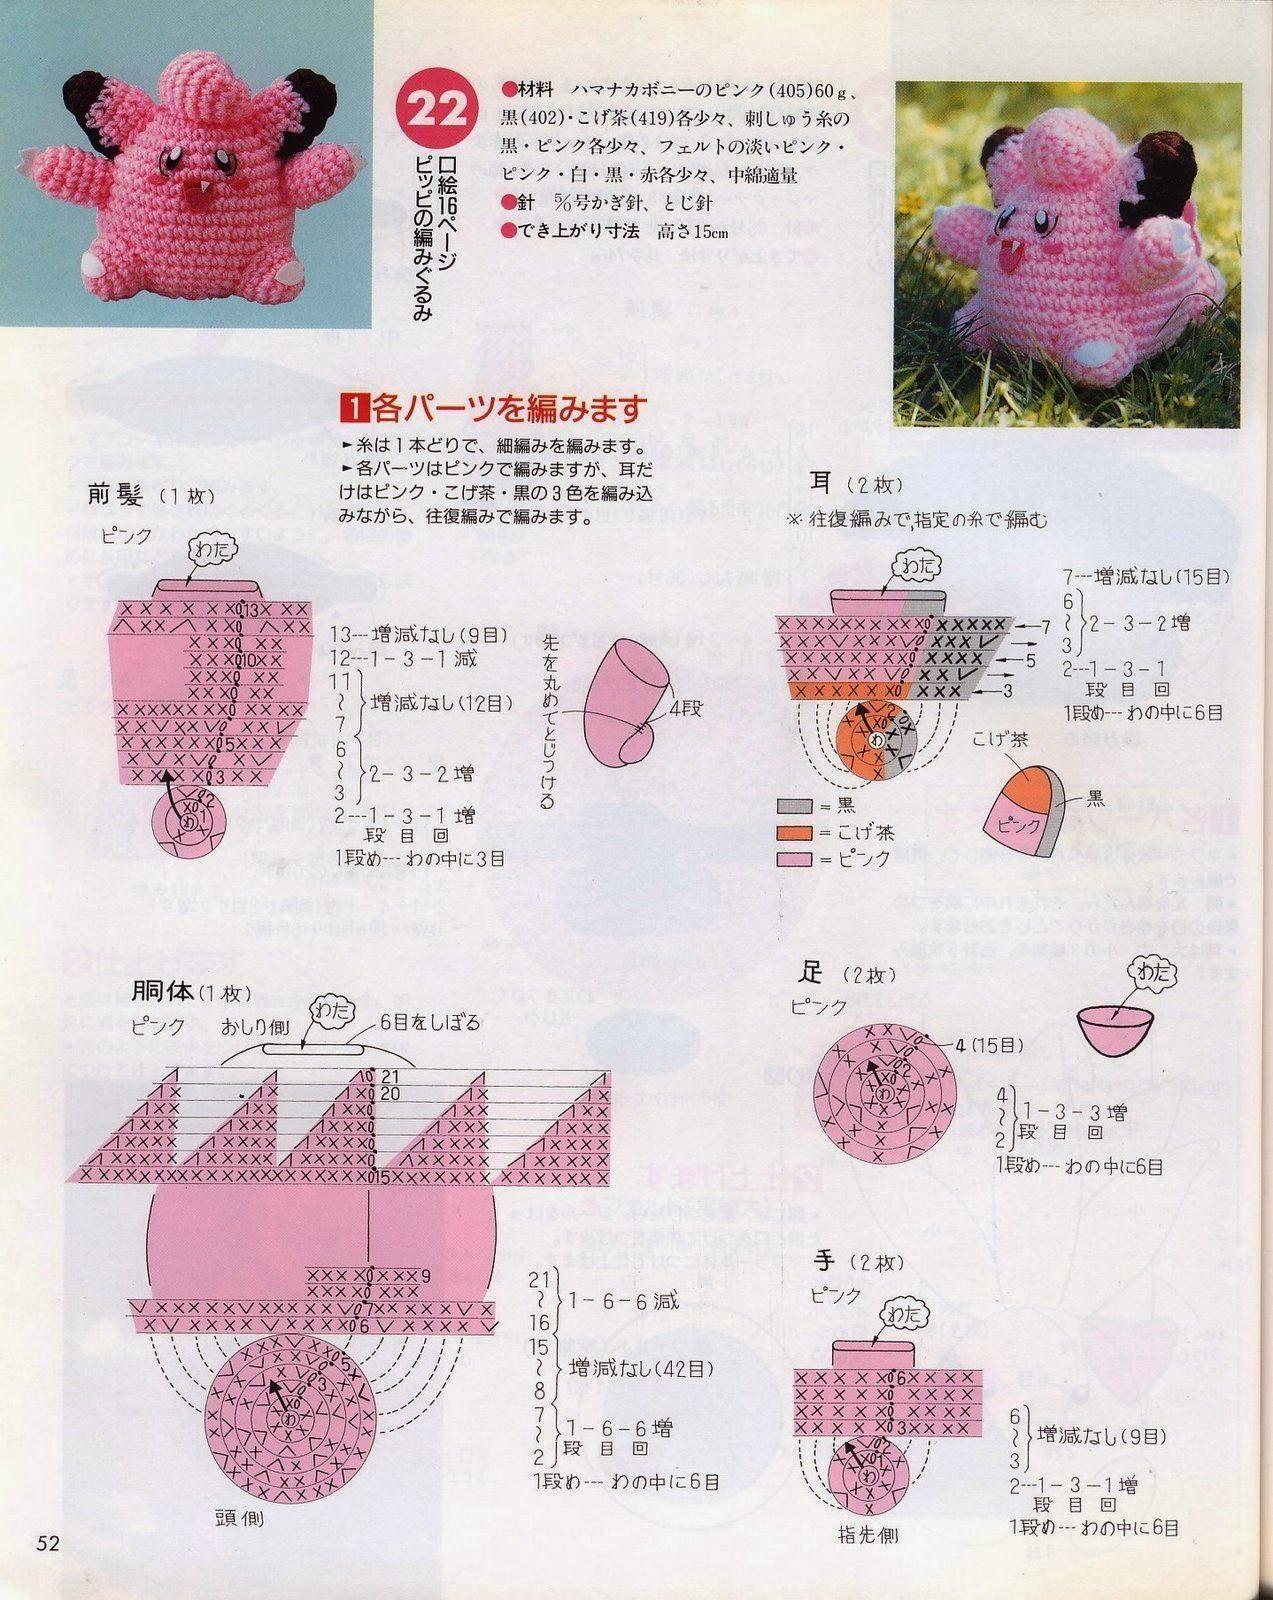 Blog de Goanna: Muñecos Pokemon en Amigurumi | Pokémon crochet ...